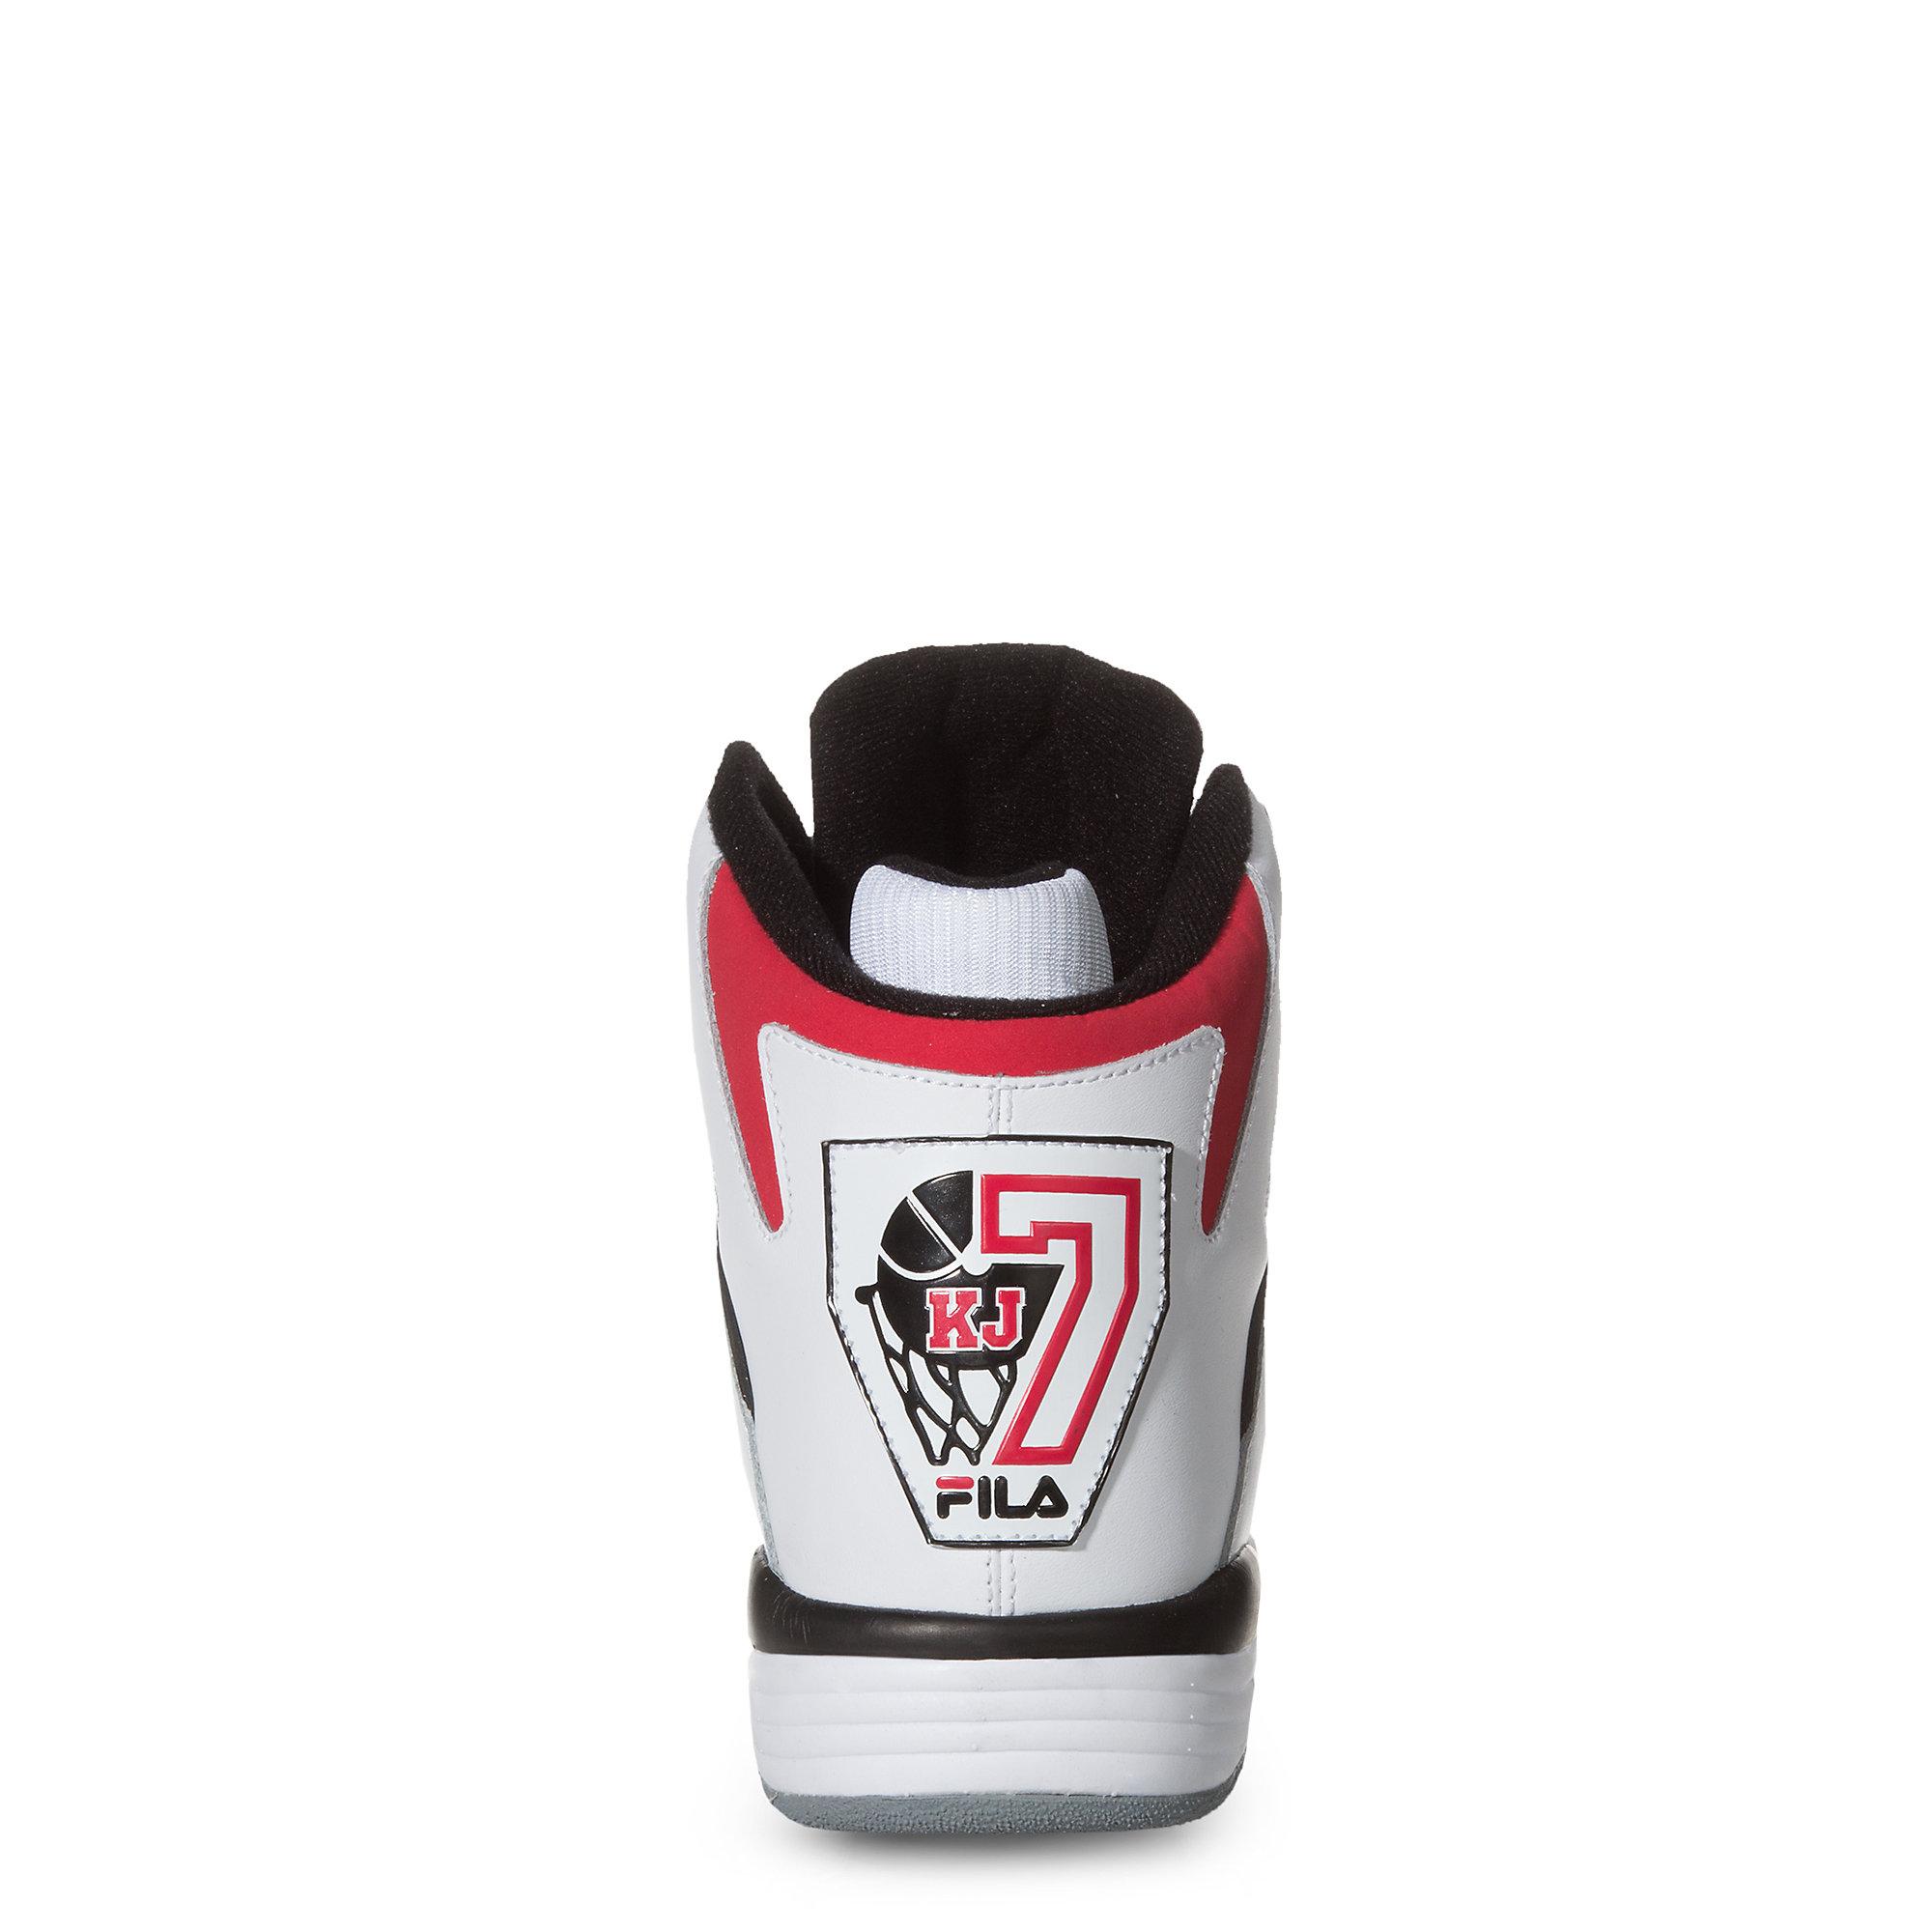 release-reminder-fila-kj7-white-black-fila-red-4